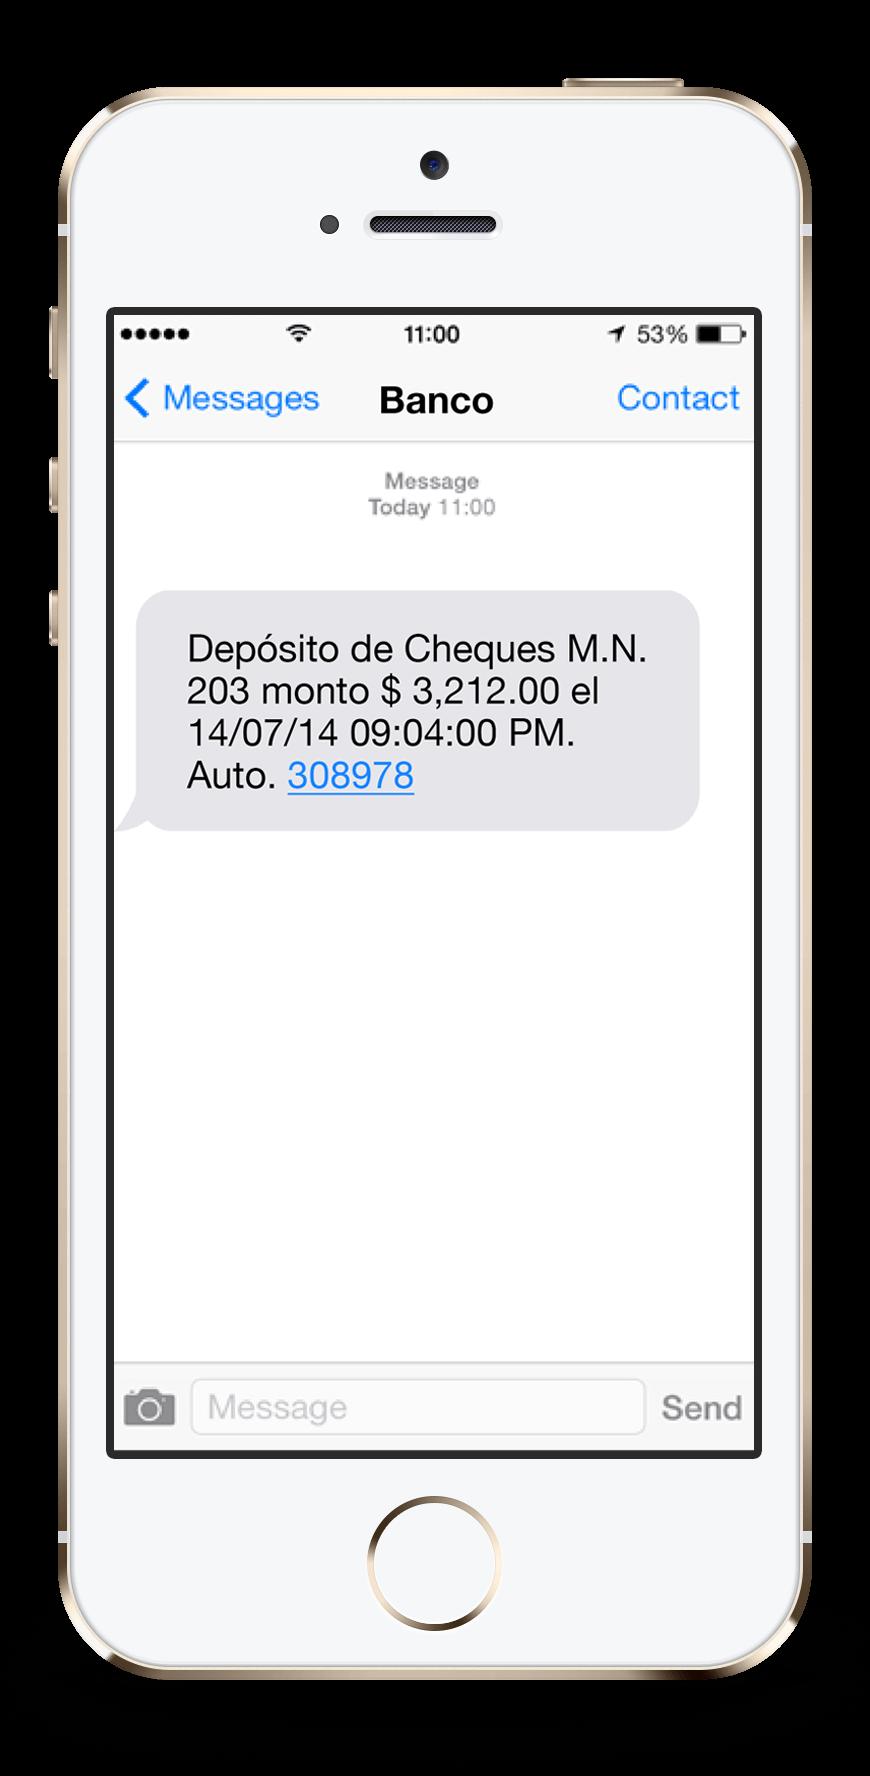 SMS Enmascarado